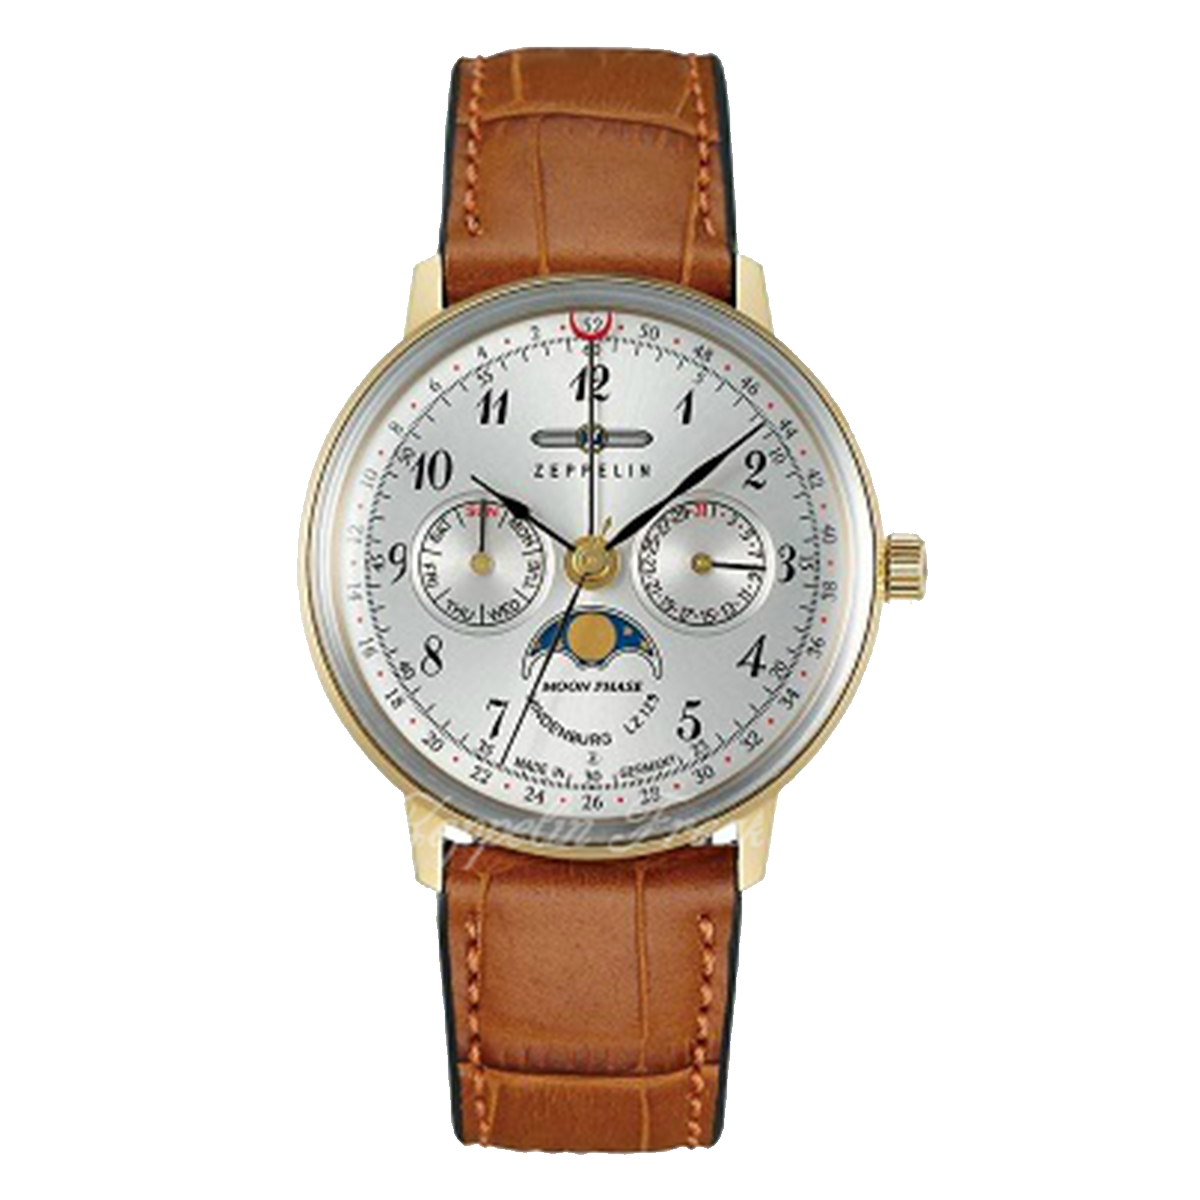 【全品送料無料】 ZEPPELIN ツェッペリン 7039-1 メンズ 時計 腕時計 プレゼント ギフト 贈り物[あす楽]